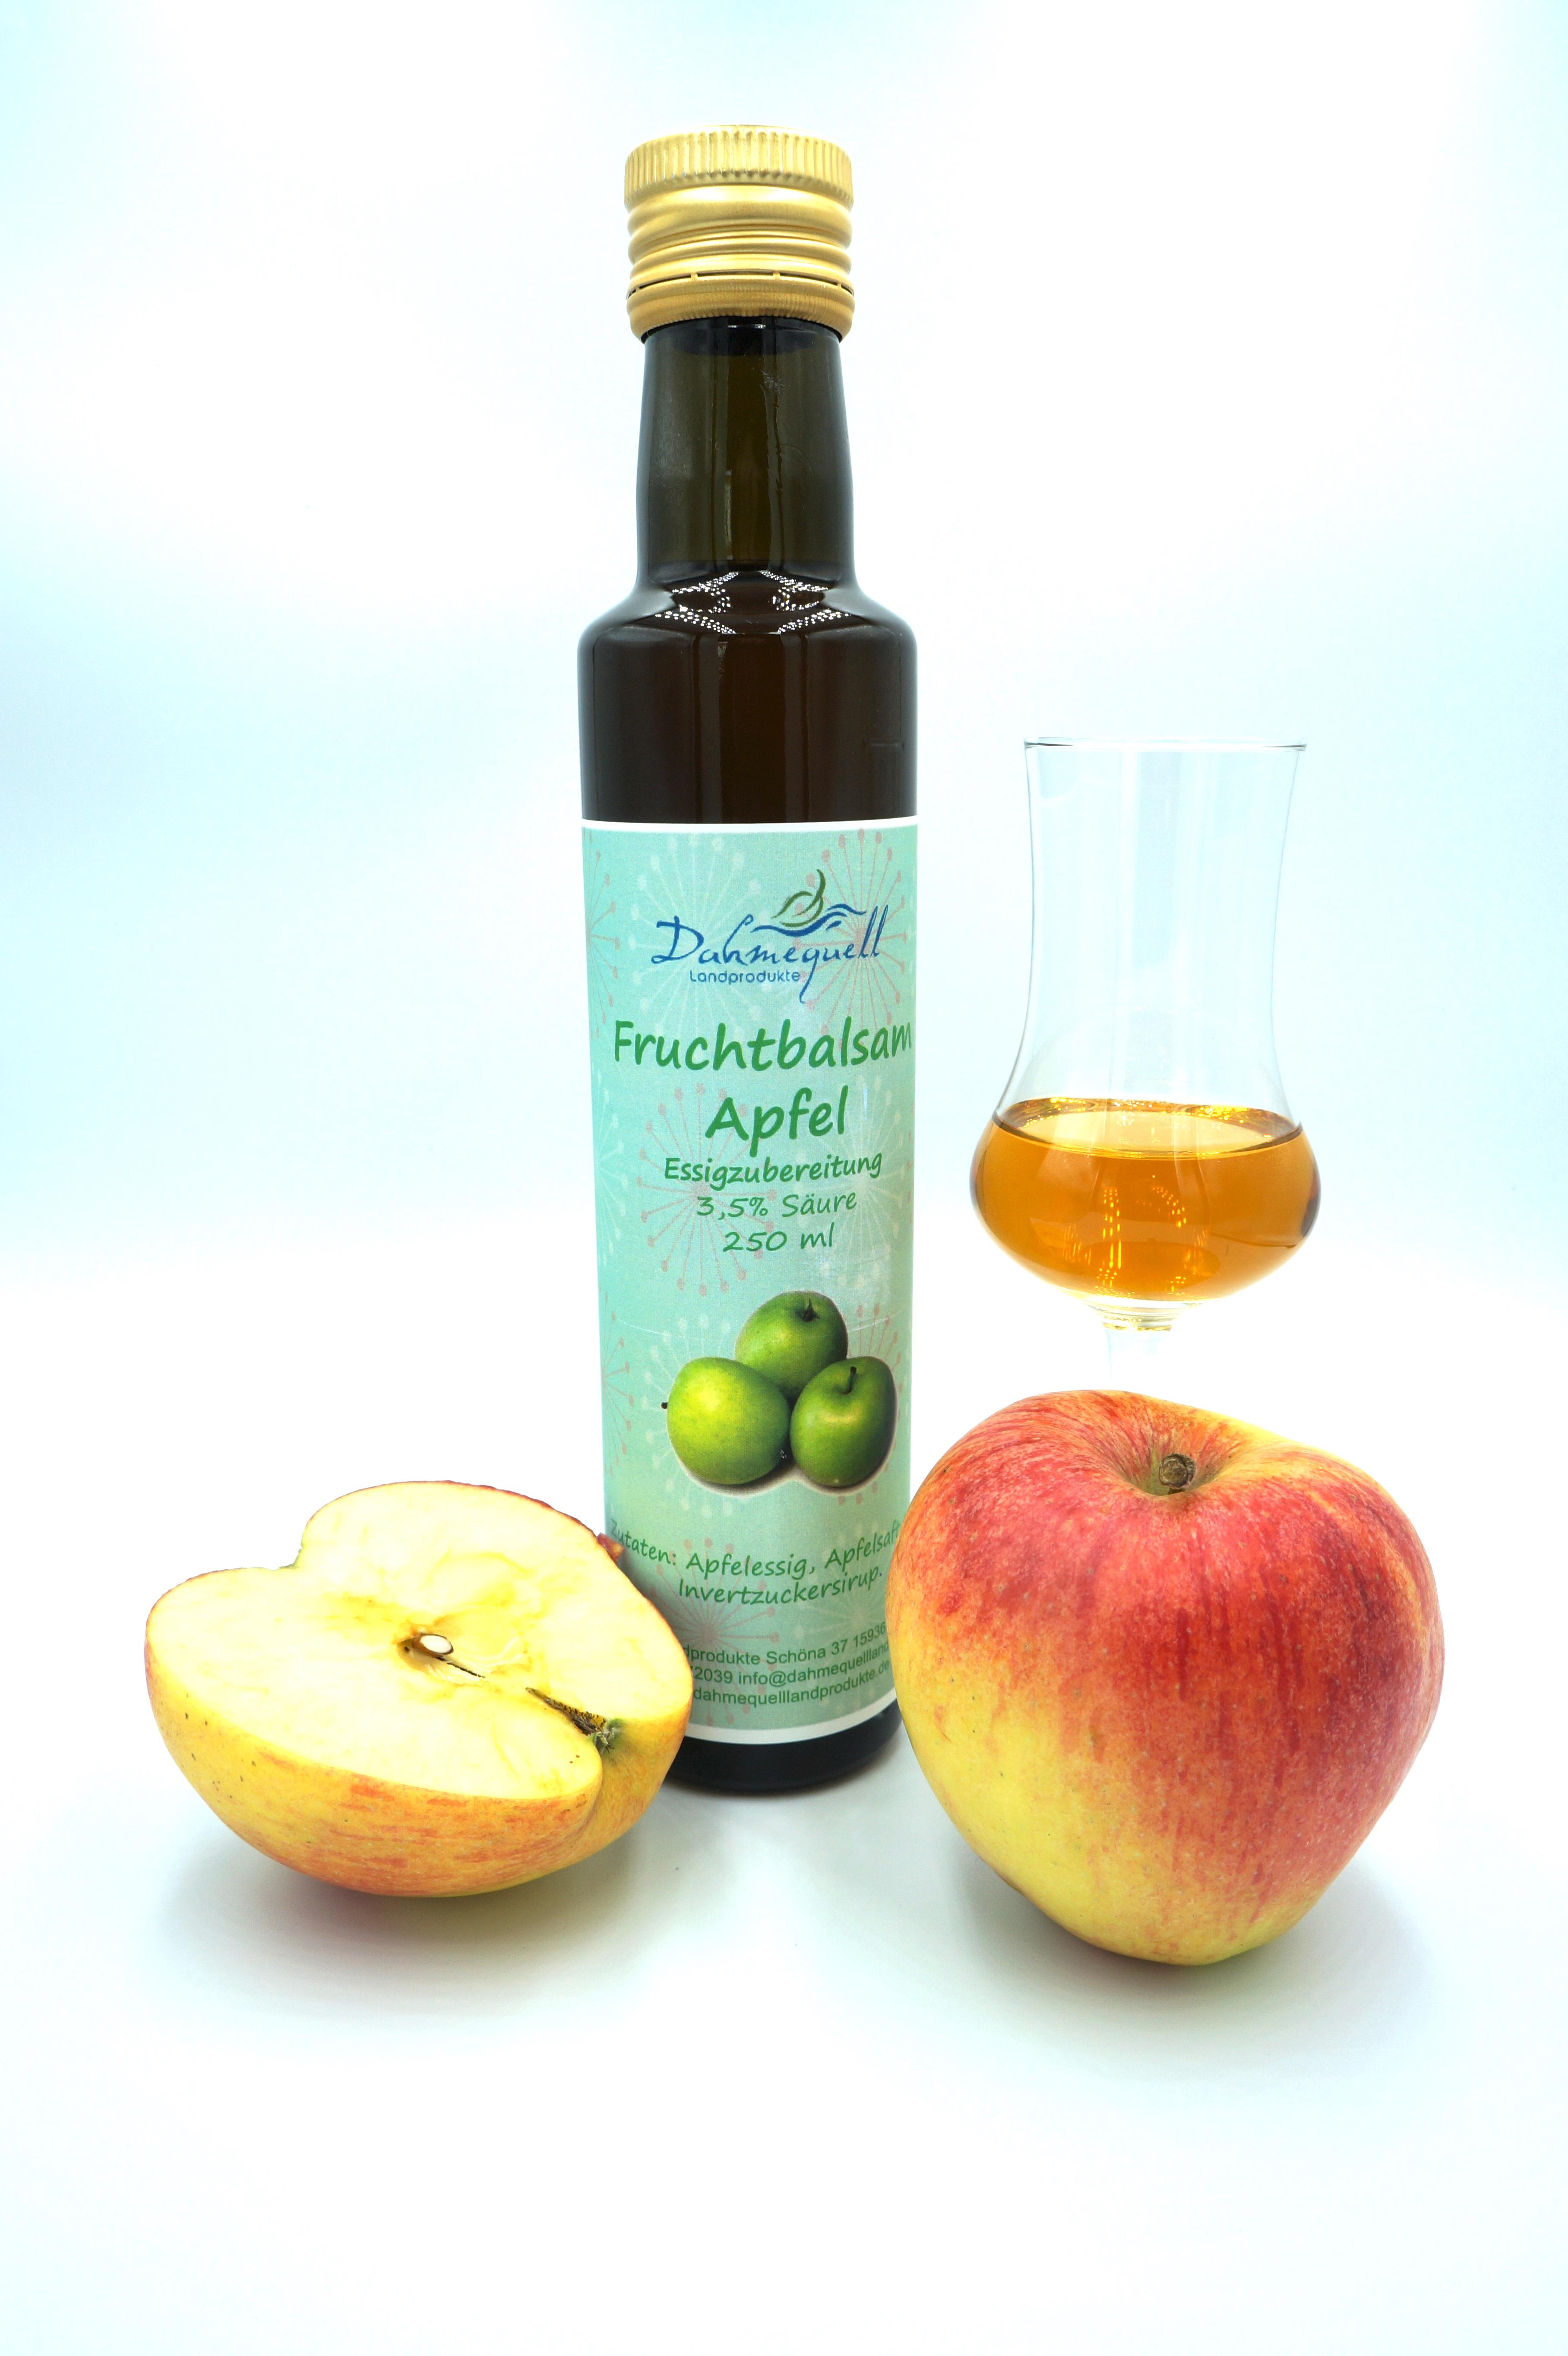 Fruchtbalsam Apfel 250 ml